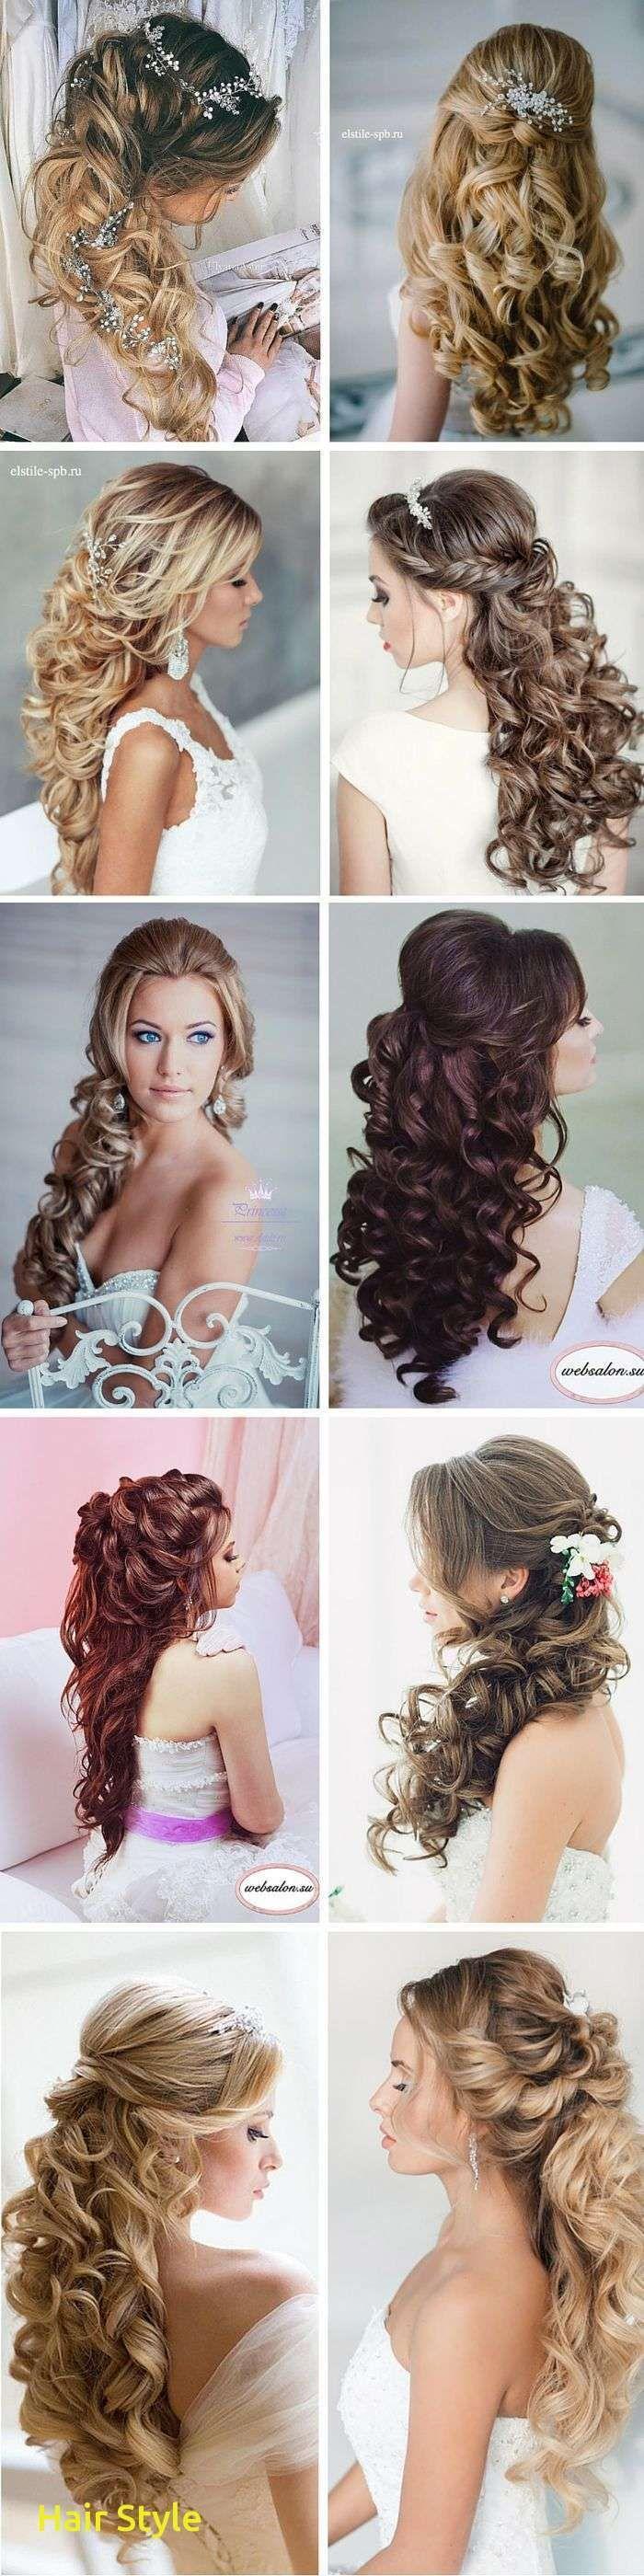 Elegant Wedding Hairstyles Curly Hair Half High,  #Curly #Elegant #Hair #hairstyleforlonghalf... #elegantweddinghairstyles